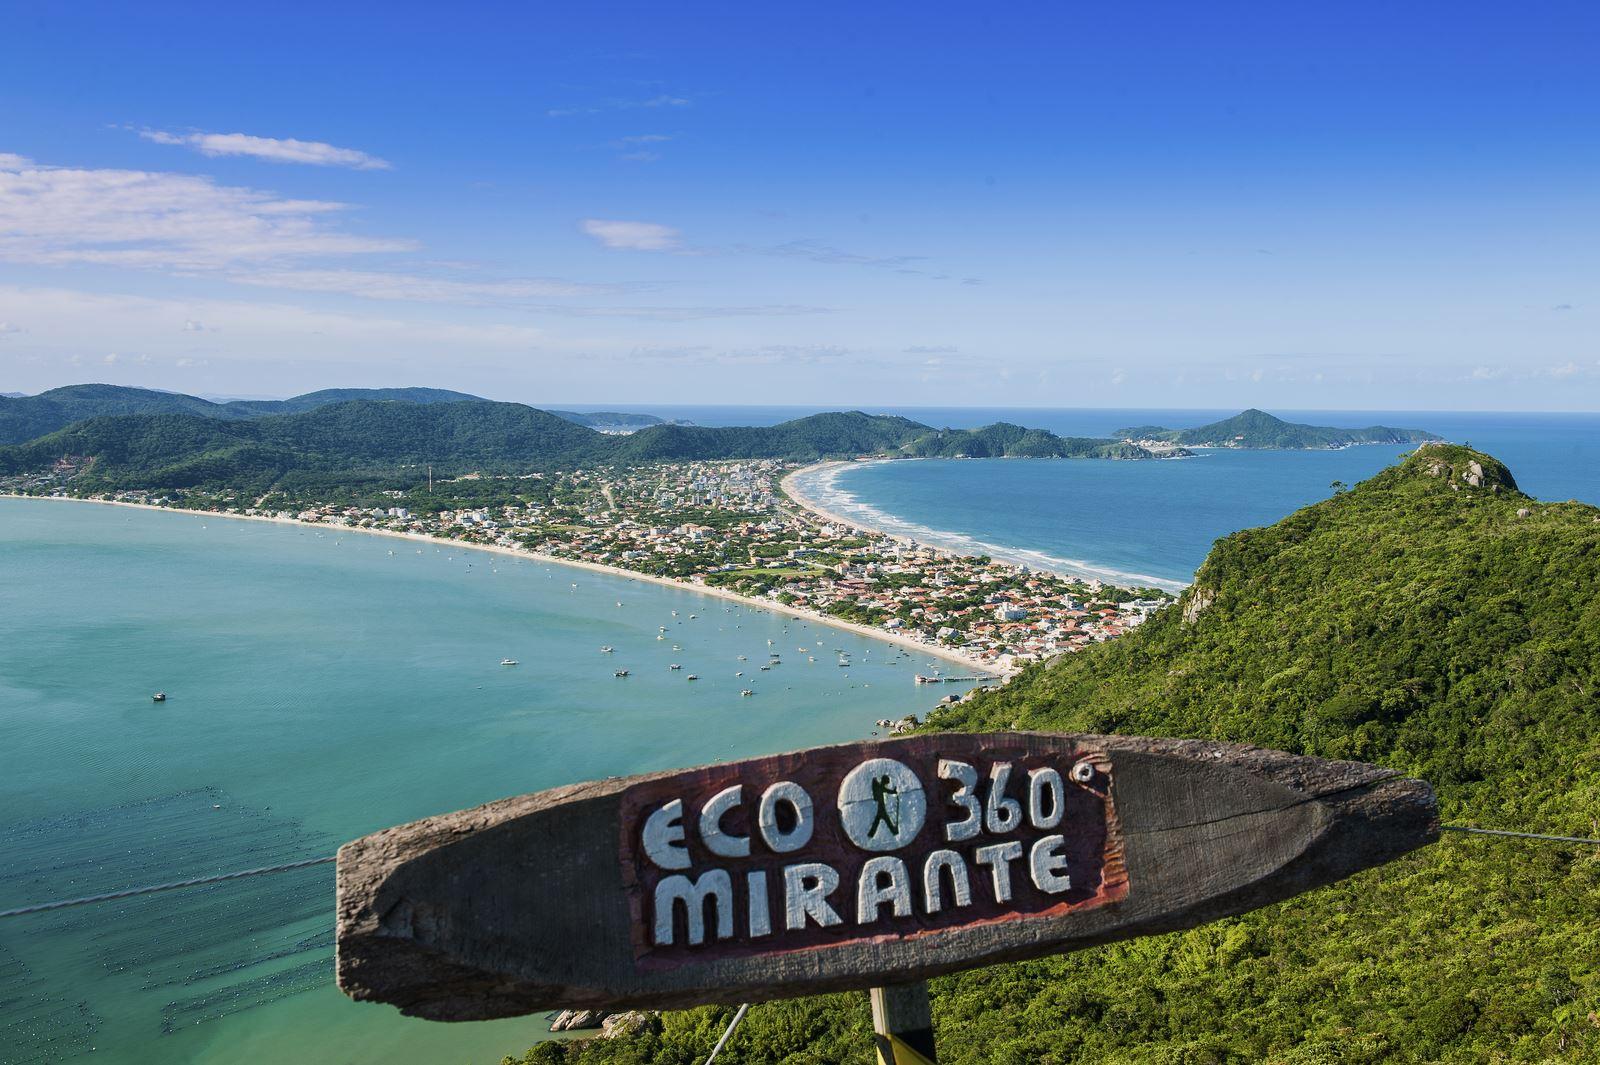 Mirante Eco 360º: uma experiência impactante | Casa do Turista